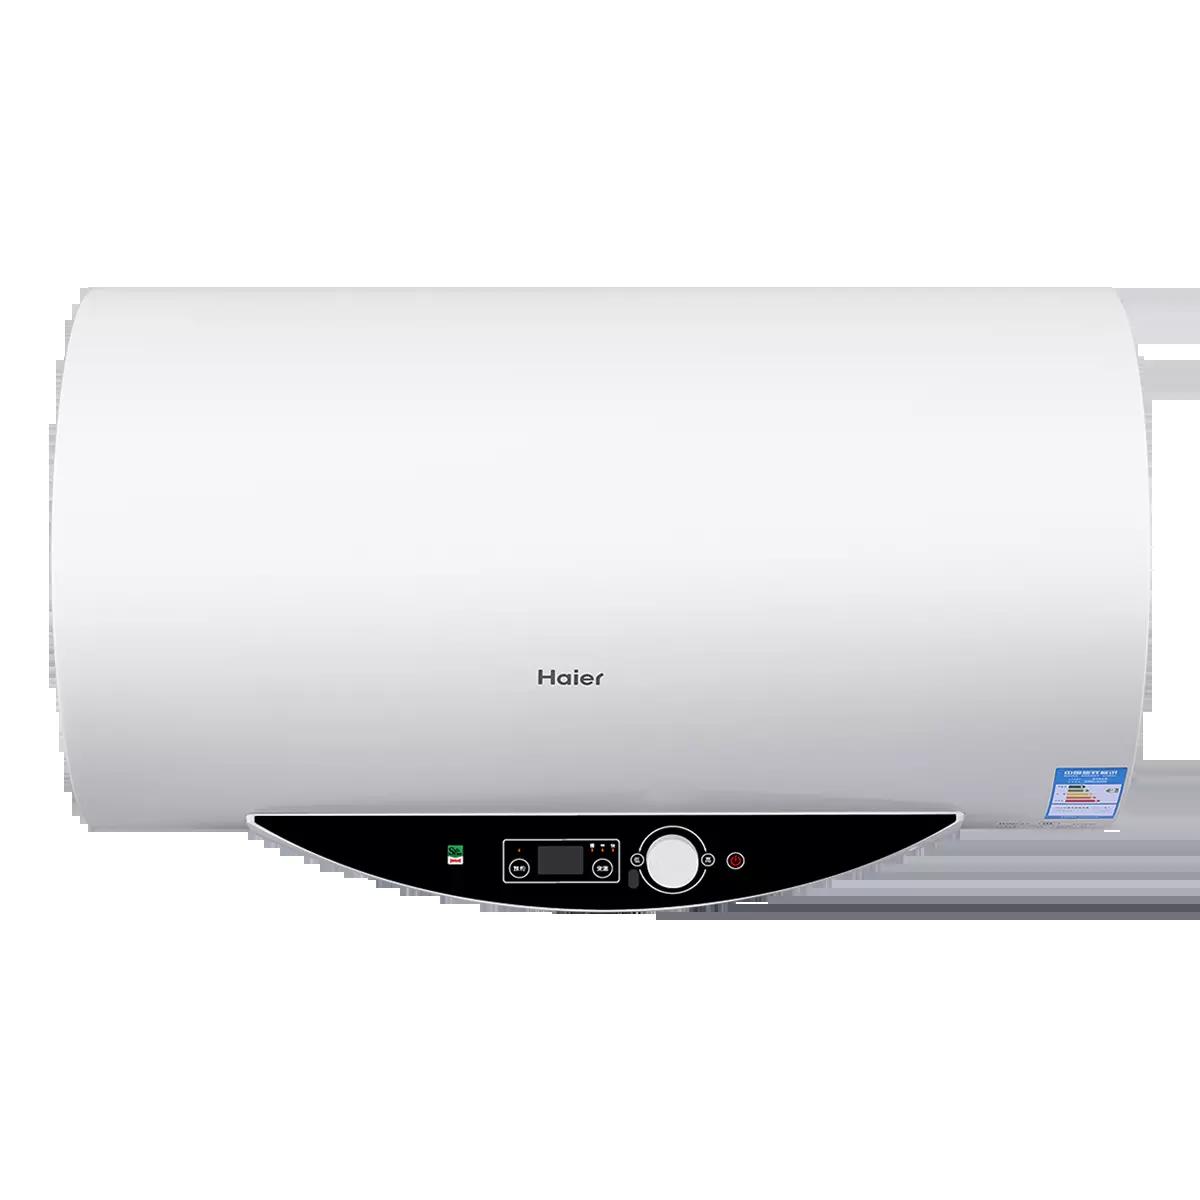 海尔 (Haier) 80升电热水器家用储水式速热恒温 三档可调 预约洗浴 遥控控温 ES80H-Q5(ZE)